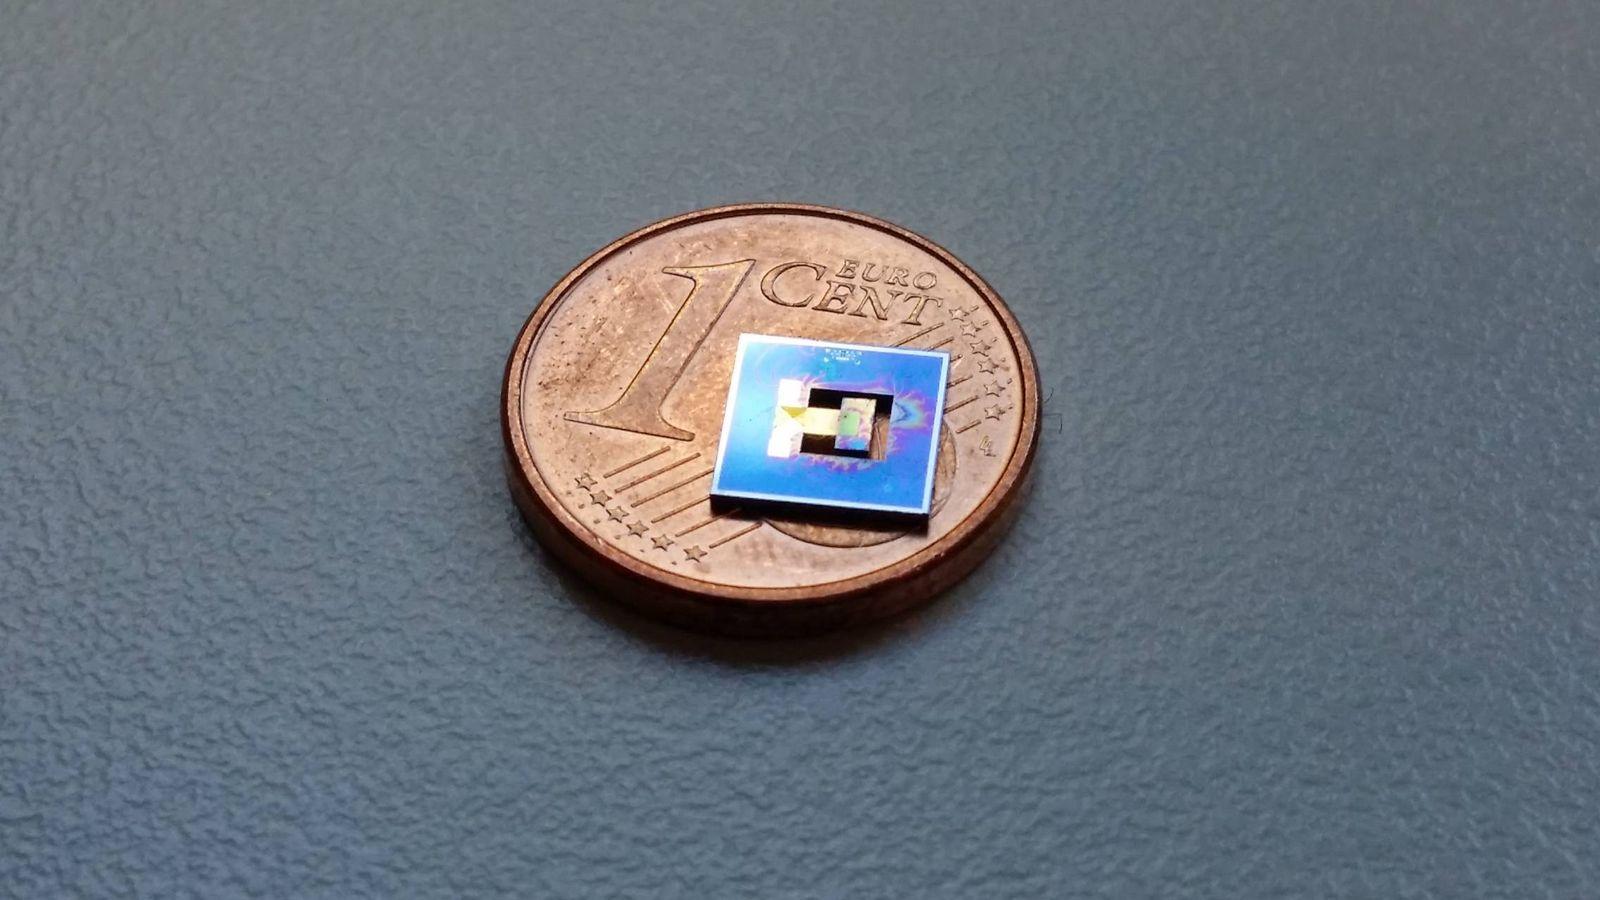 El-invento-espanol-que-saca-energia-del-aire-para-sustituir-las-baterias